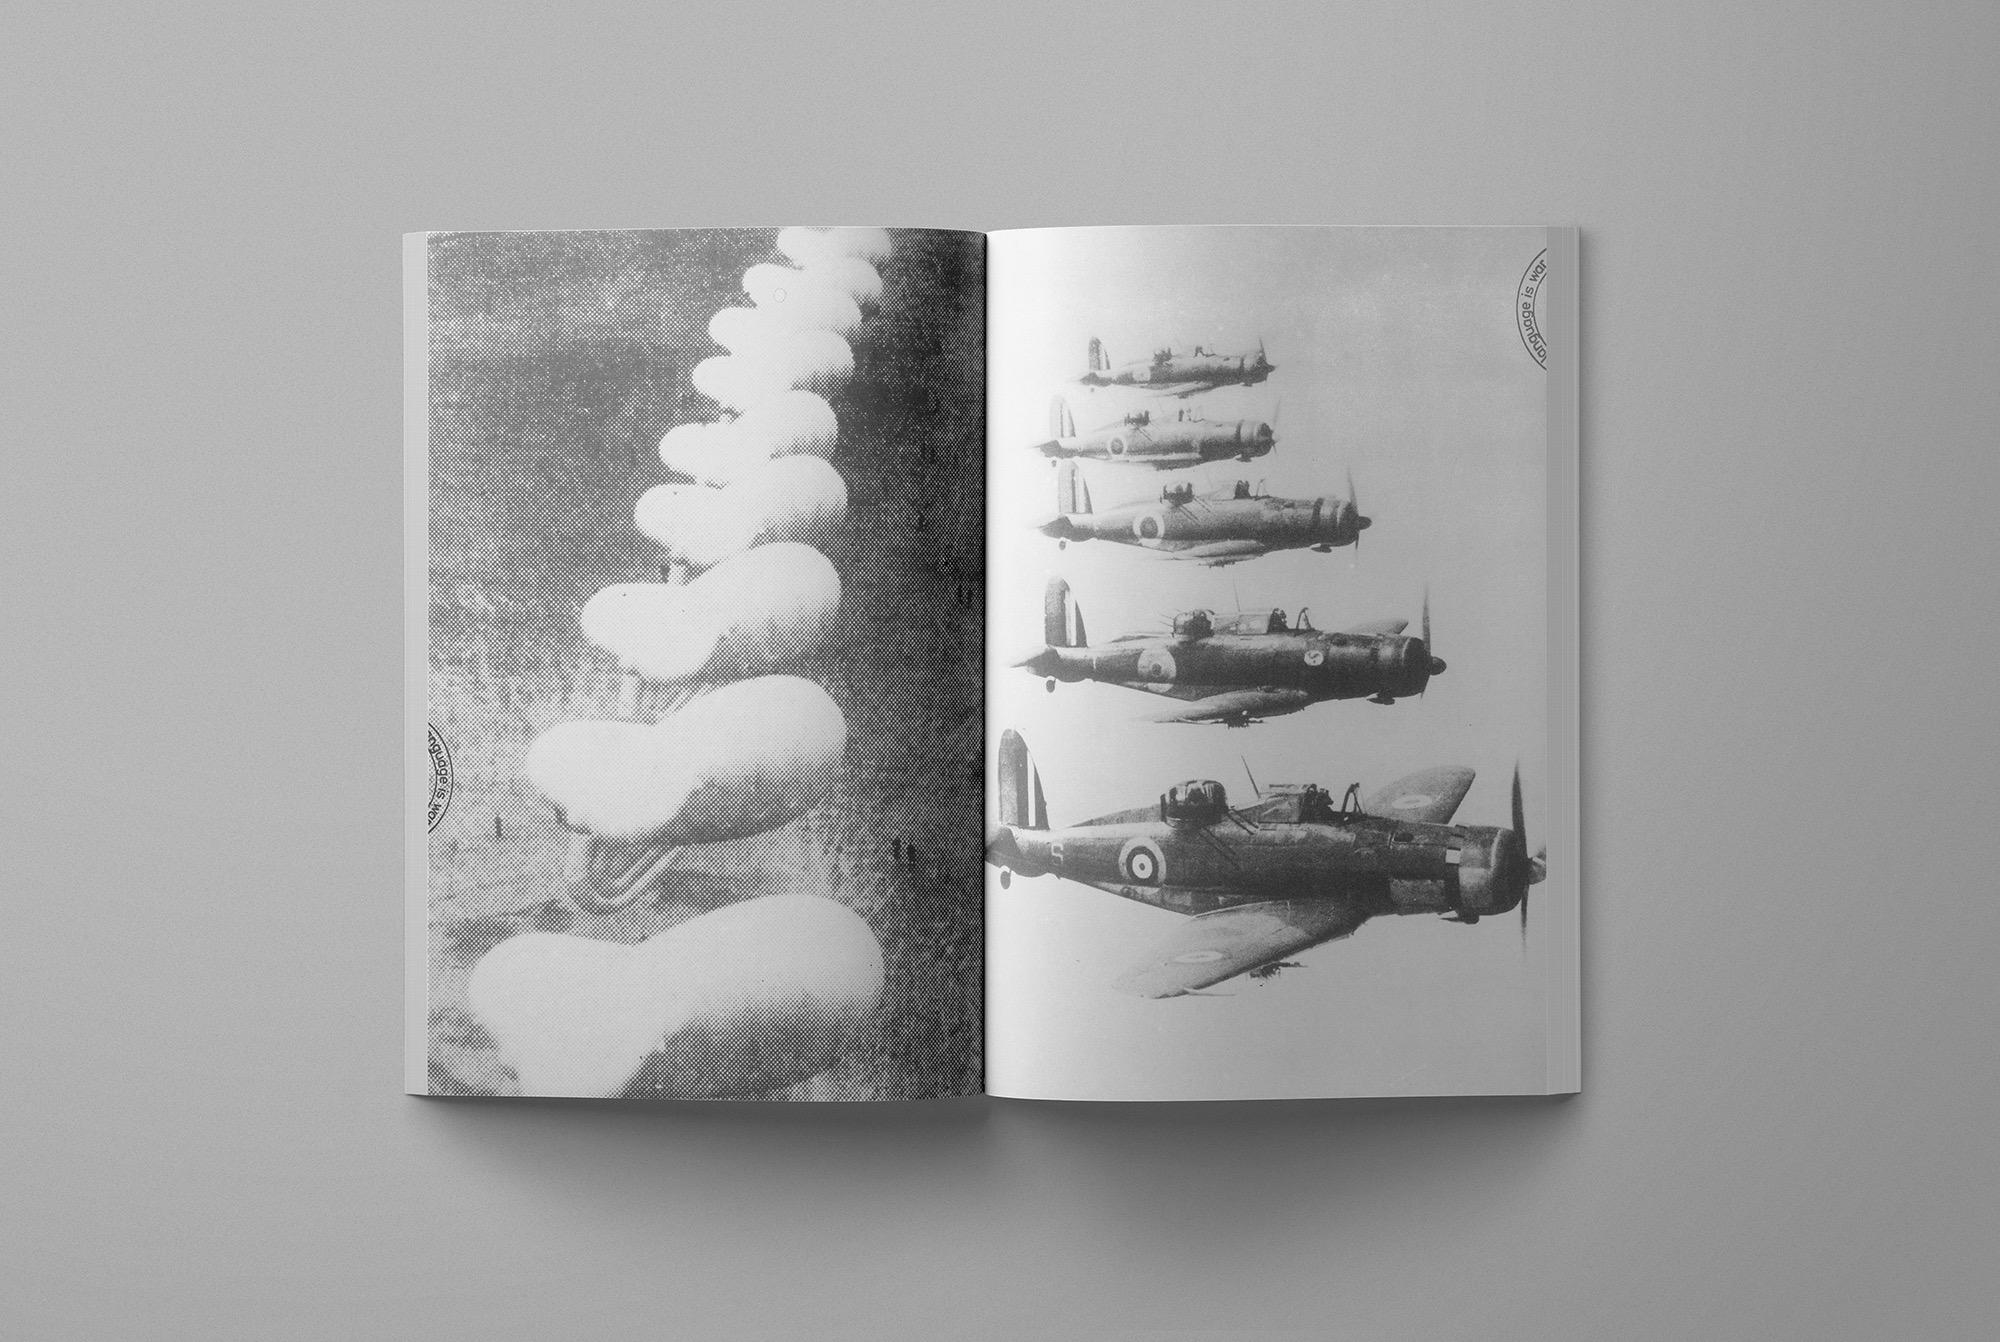 Linguaggio è guerra: da Yard Press la prima ristampa anastatica del libro d'artista di Fabio Mauri